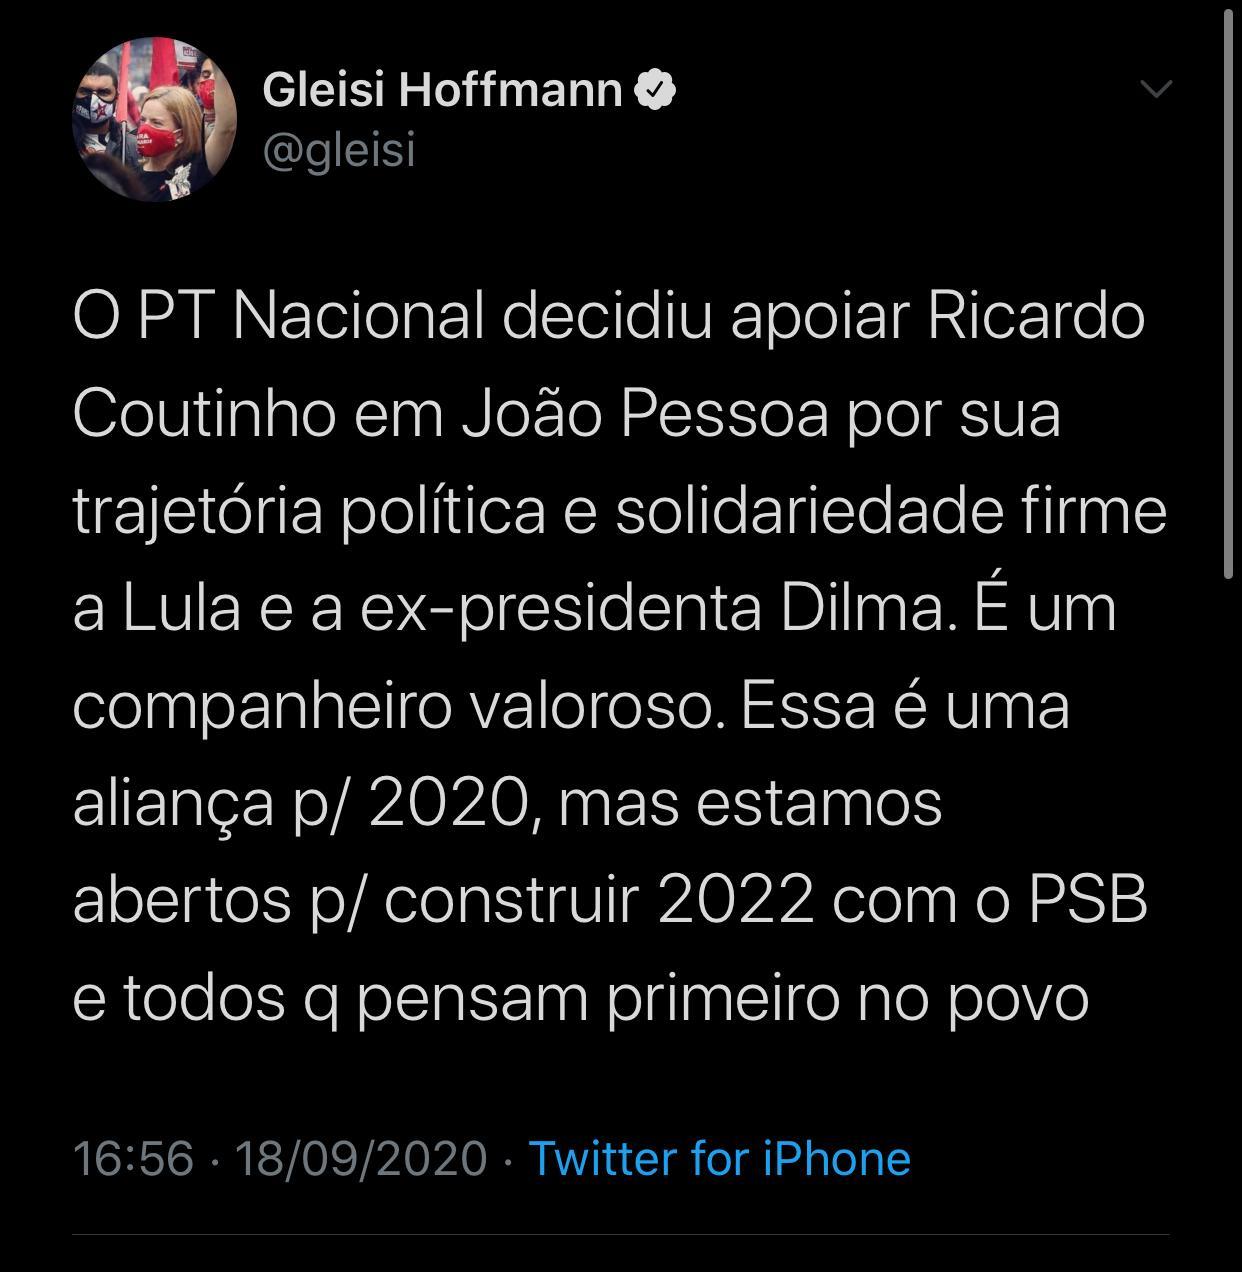 WhatsApp Image 2020 09 18 at 18.43.38 - Gleisi Hoffmann reafirma apoio do PT nacional a candidatura de Ricardo e legenda está à procura de um vice; SAIBA MAIS